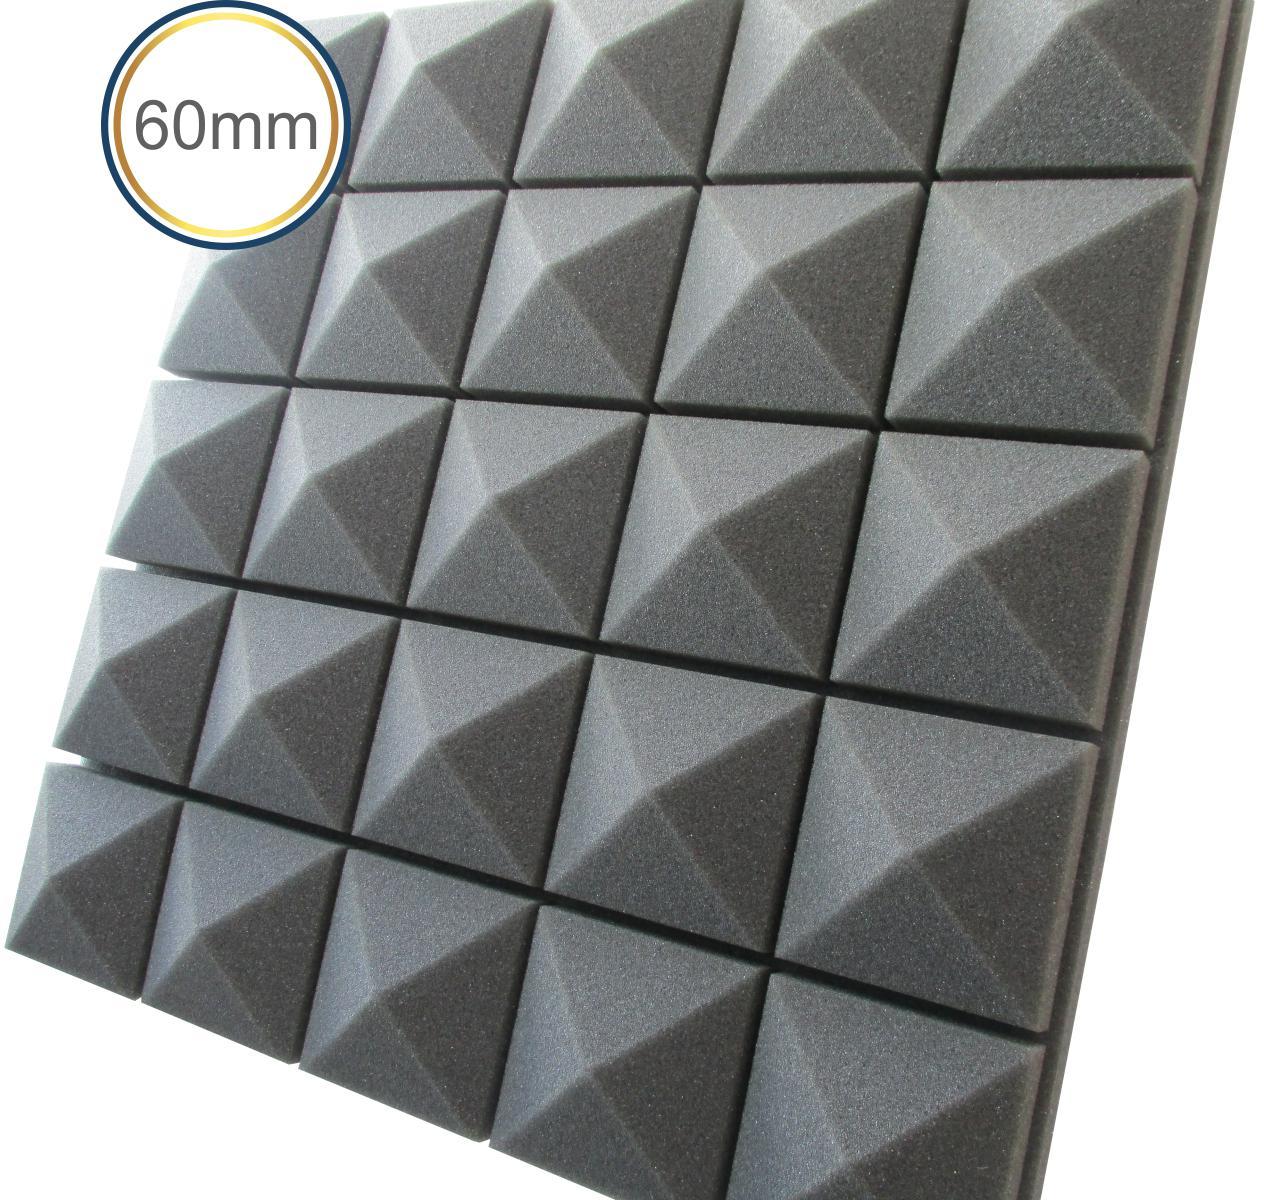 Espuma acústica Difusor - Q3 - Kit 4 peças - (1m²)  - Loja SPL Acústica